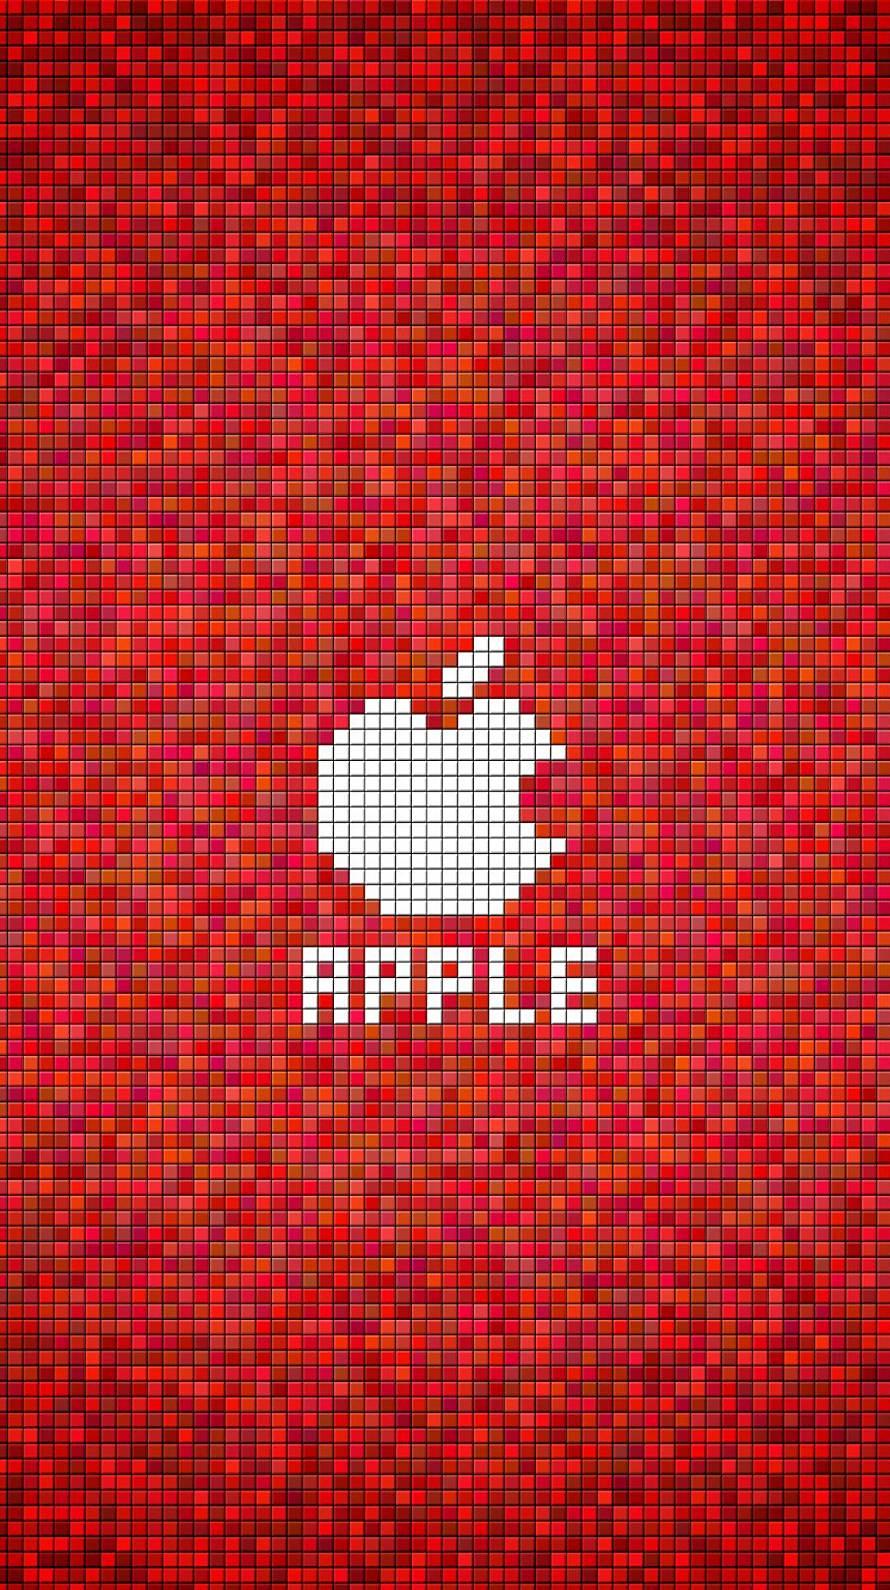 ドット APPLE 赤 iPhone6壁紙